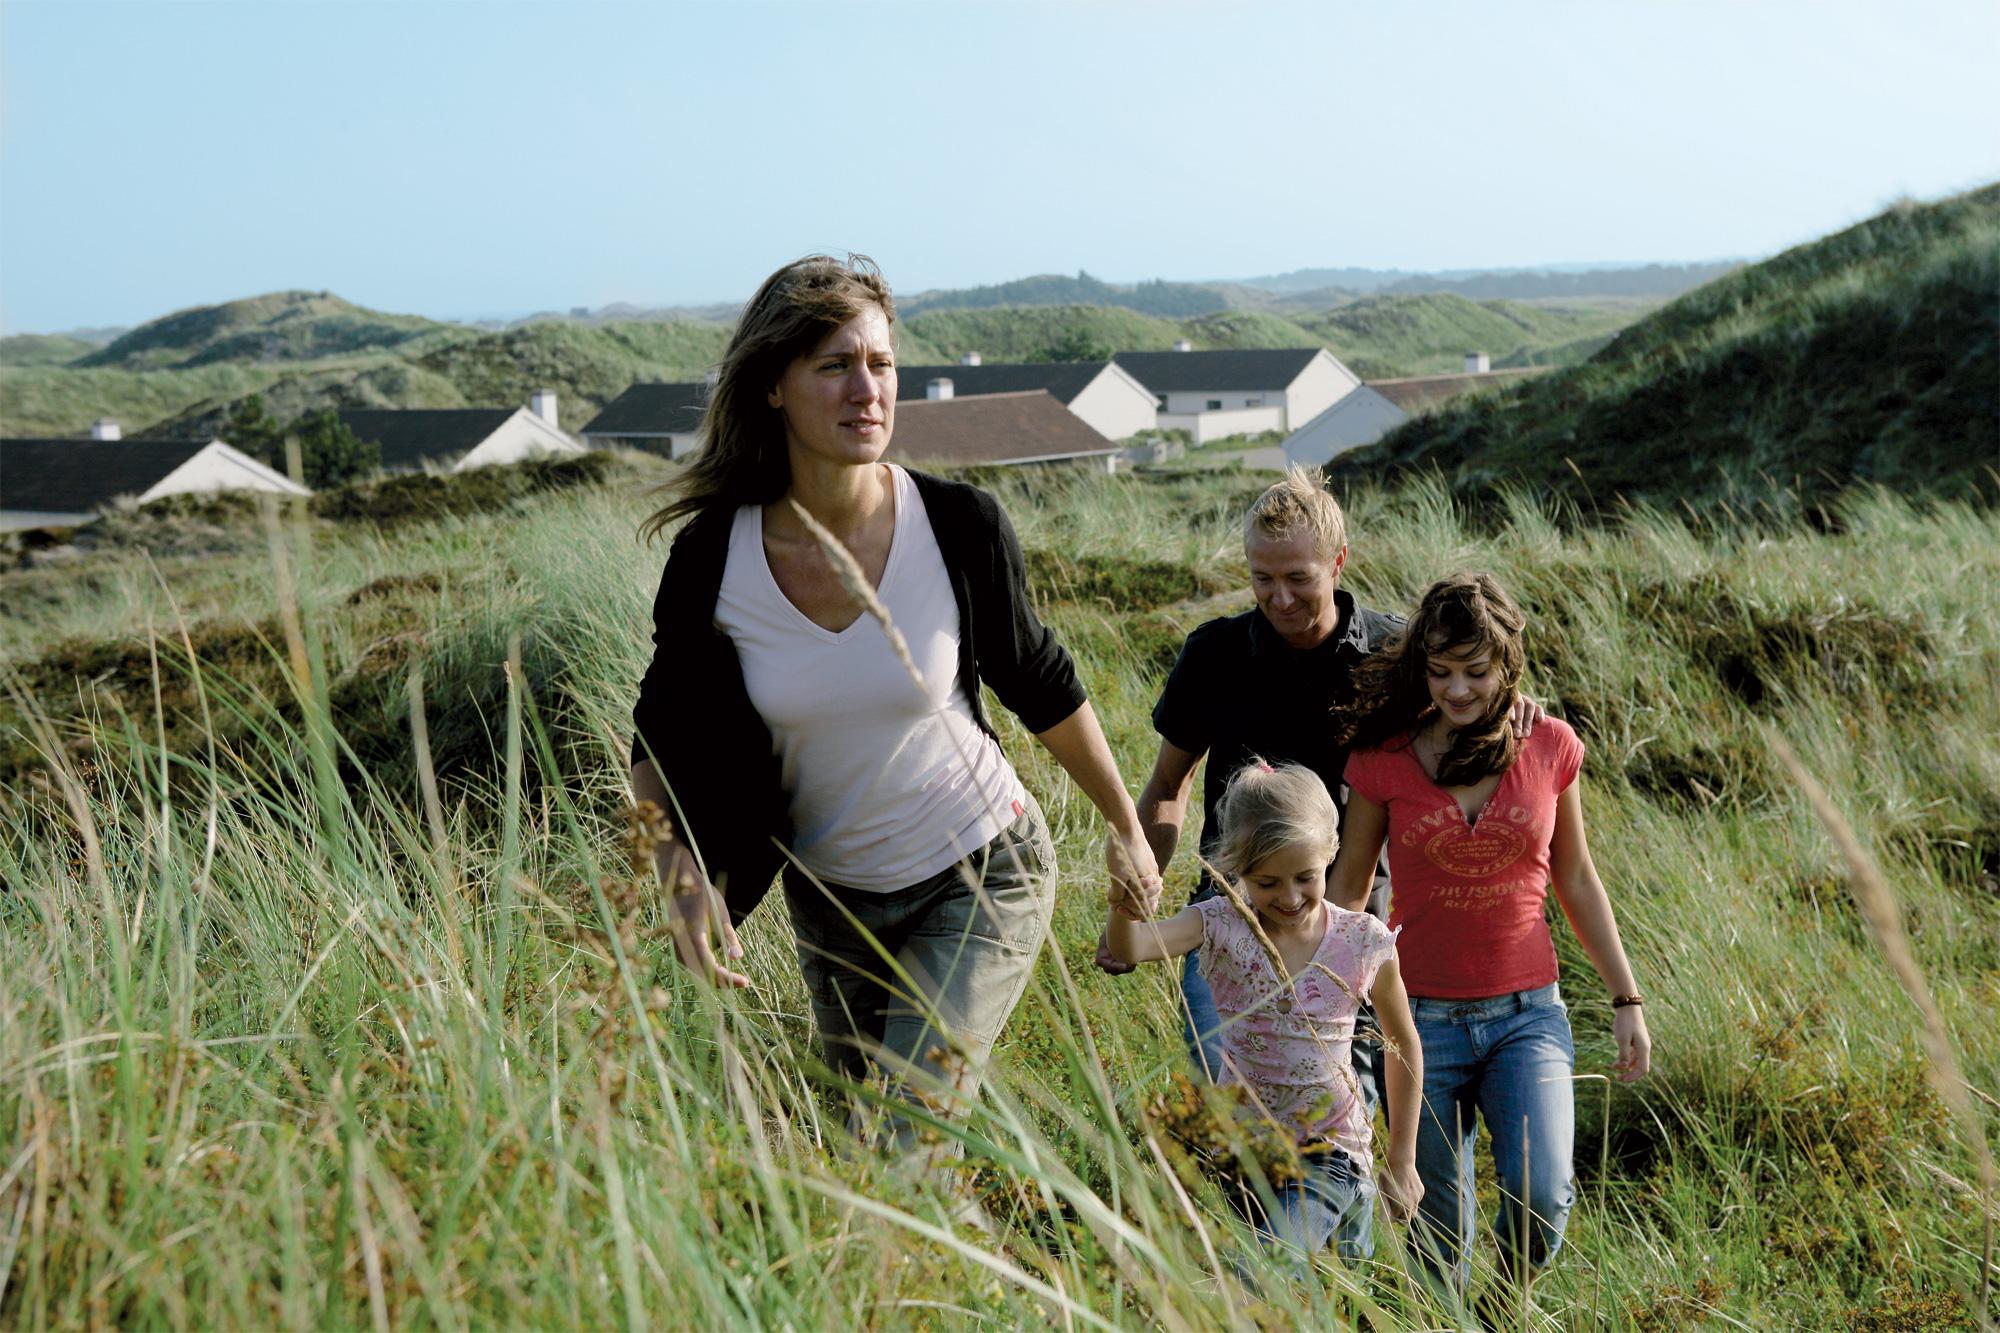 Der arbejdes for at tiltrække flere udenlandske turister til Danmark og få flere danskere til at holde noget af deres ferie under hjemlige himmelstrøg. Arkivpressefoto fra Folkeferie.dk